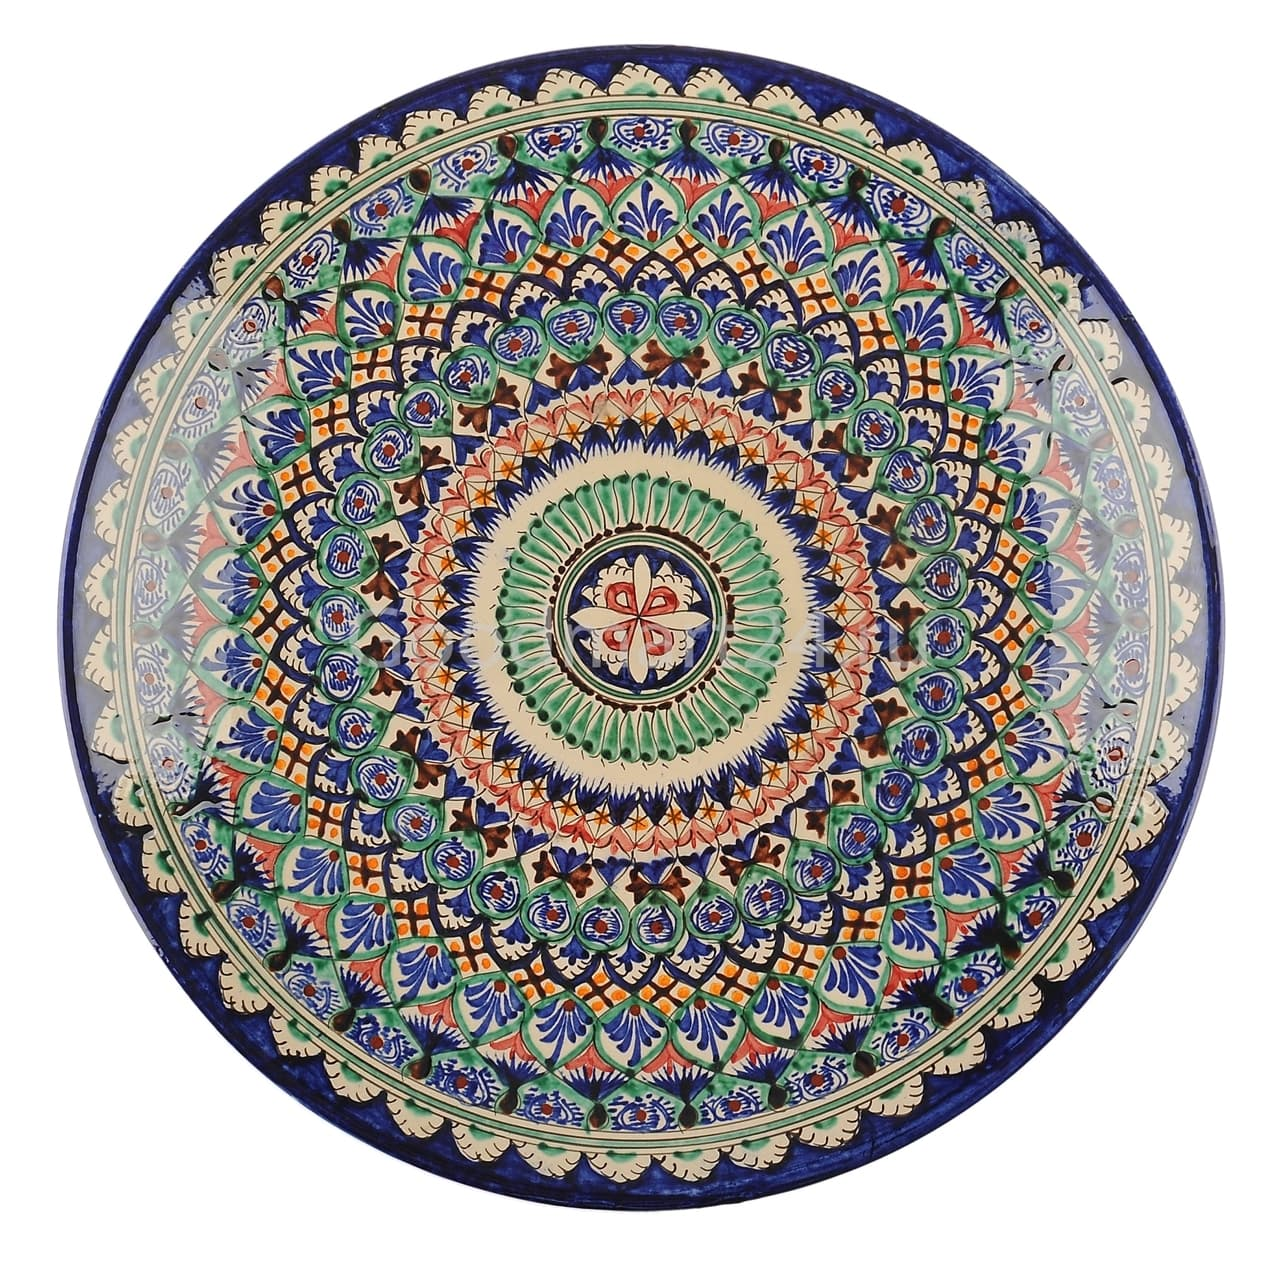 Ляган Риштанская Керамика 46 см. плоский, синий - фото 7332